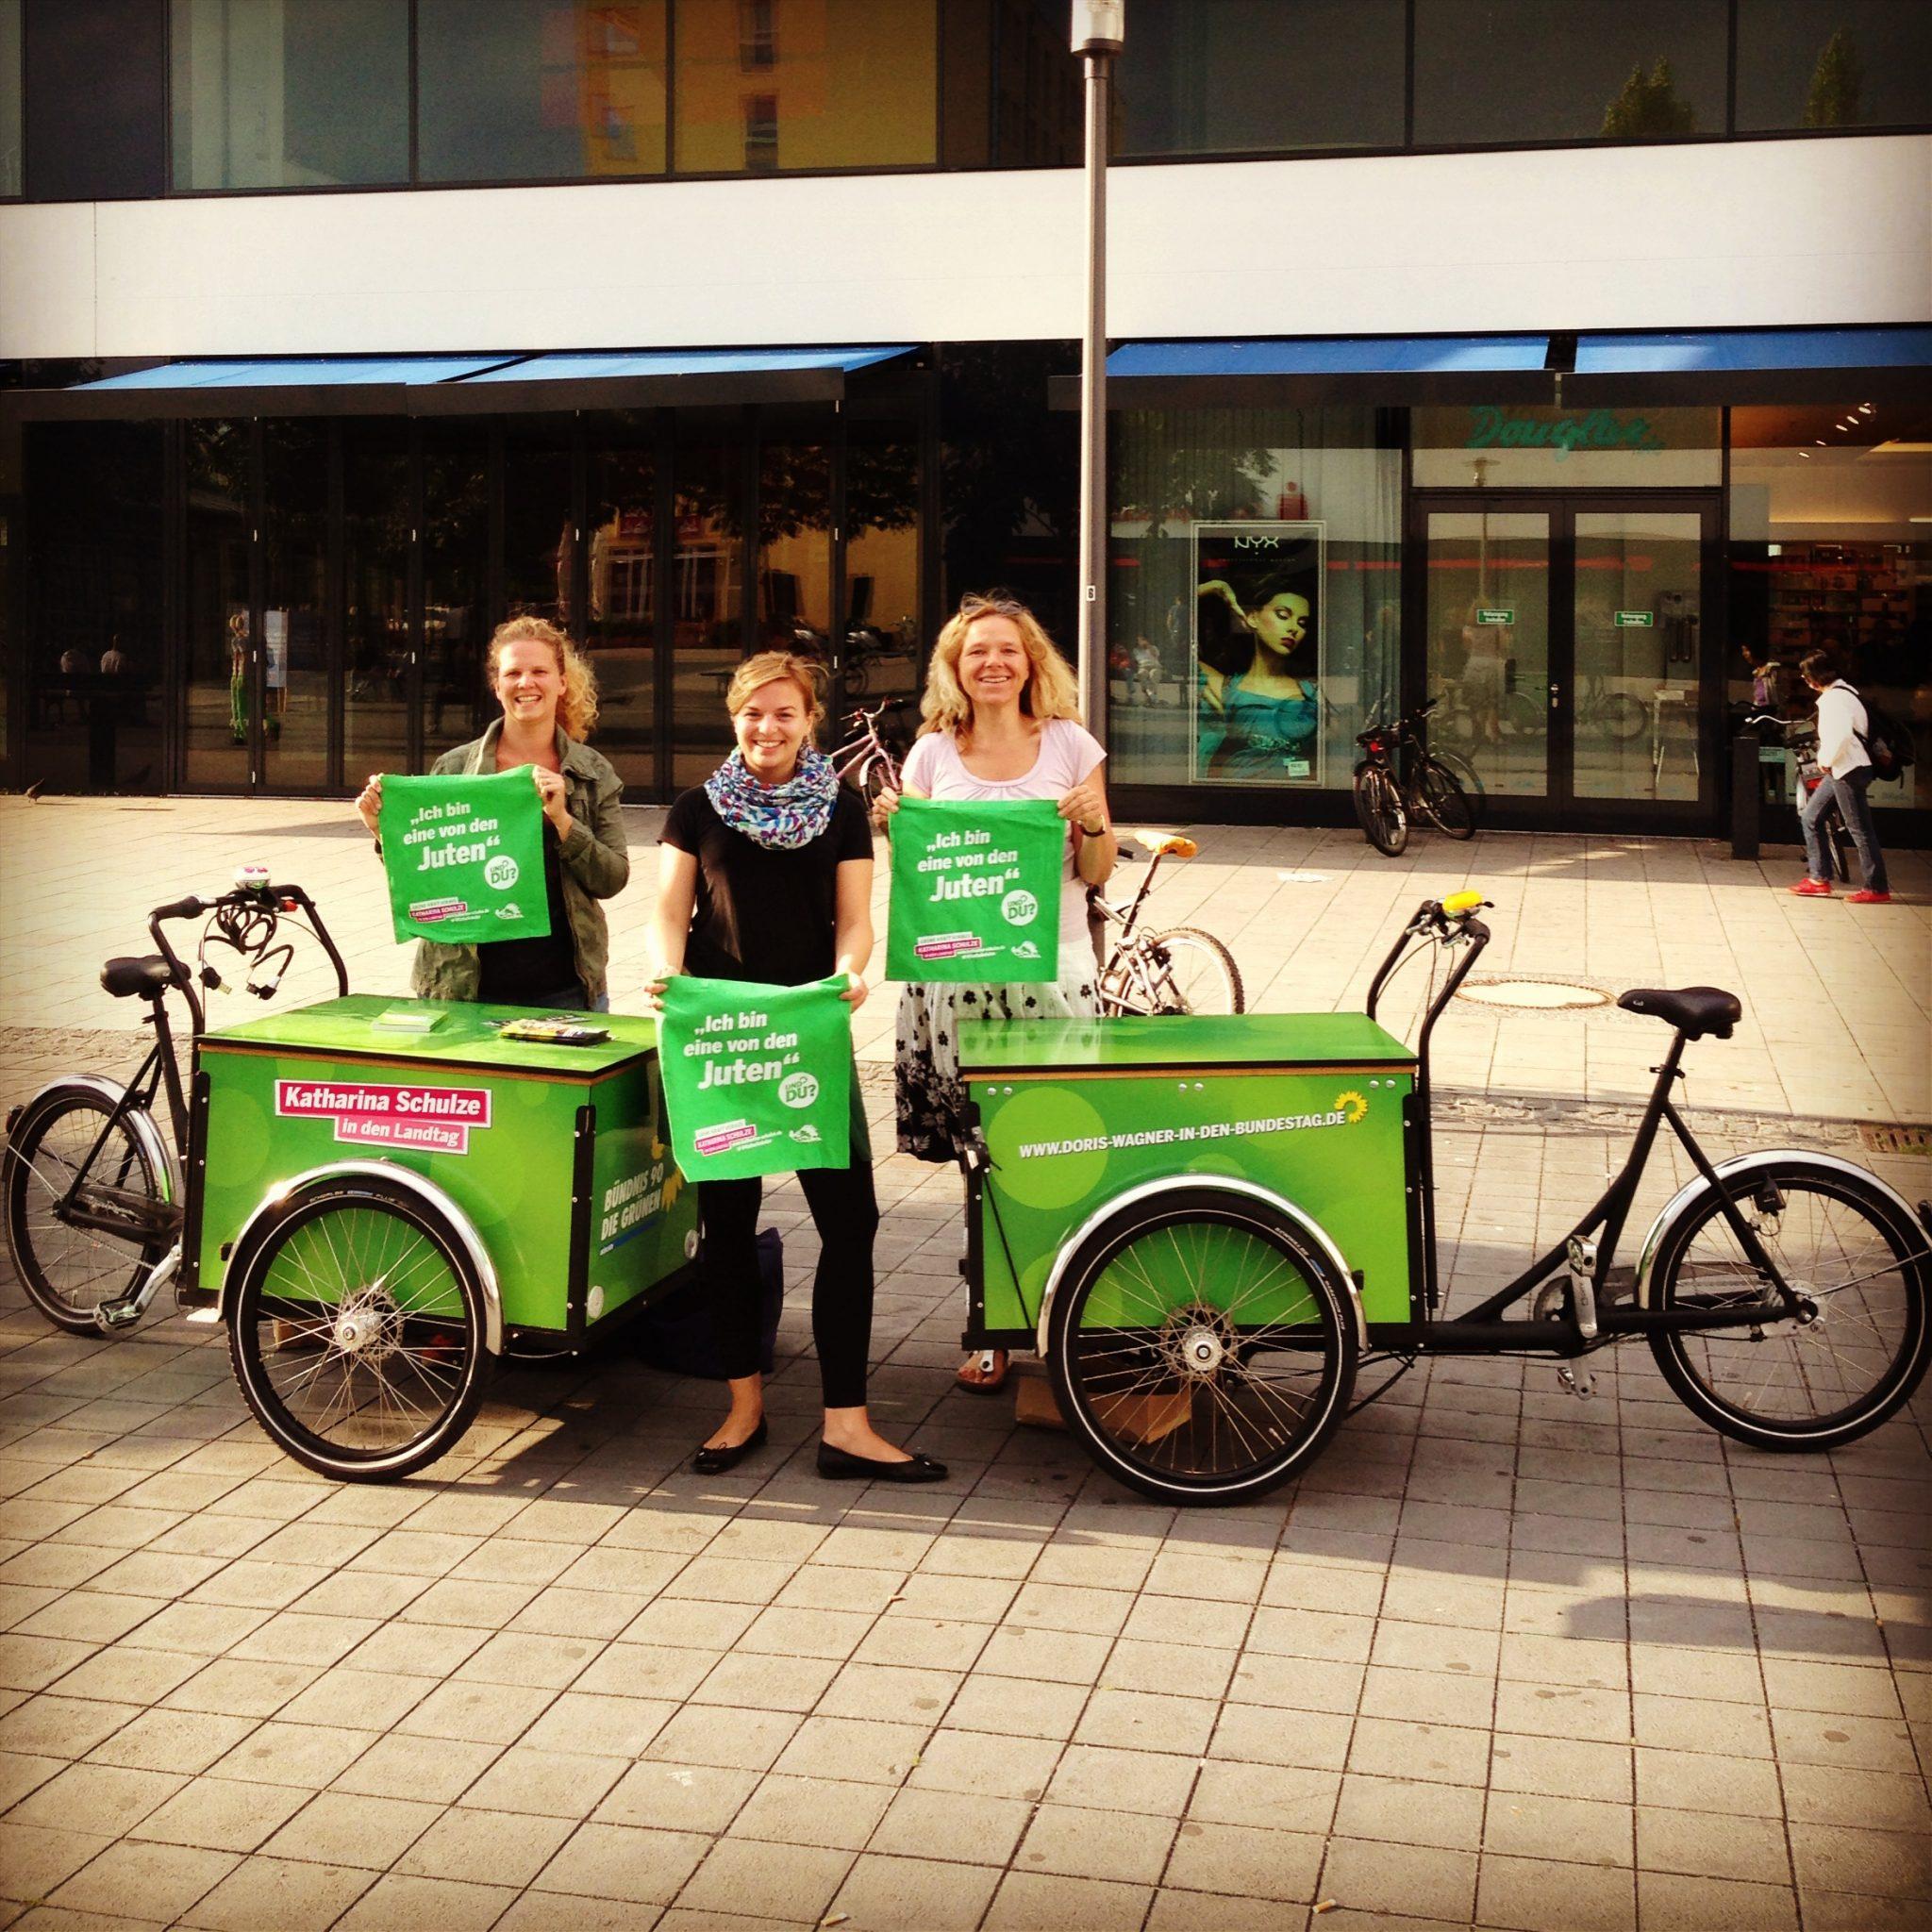 Zusammen mit Bianca Hegemann (Ortsverband Nord-Sprecherin) und Doris Wagner (Bundestagskandidatin)